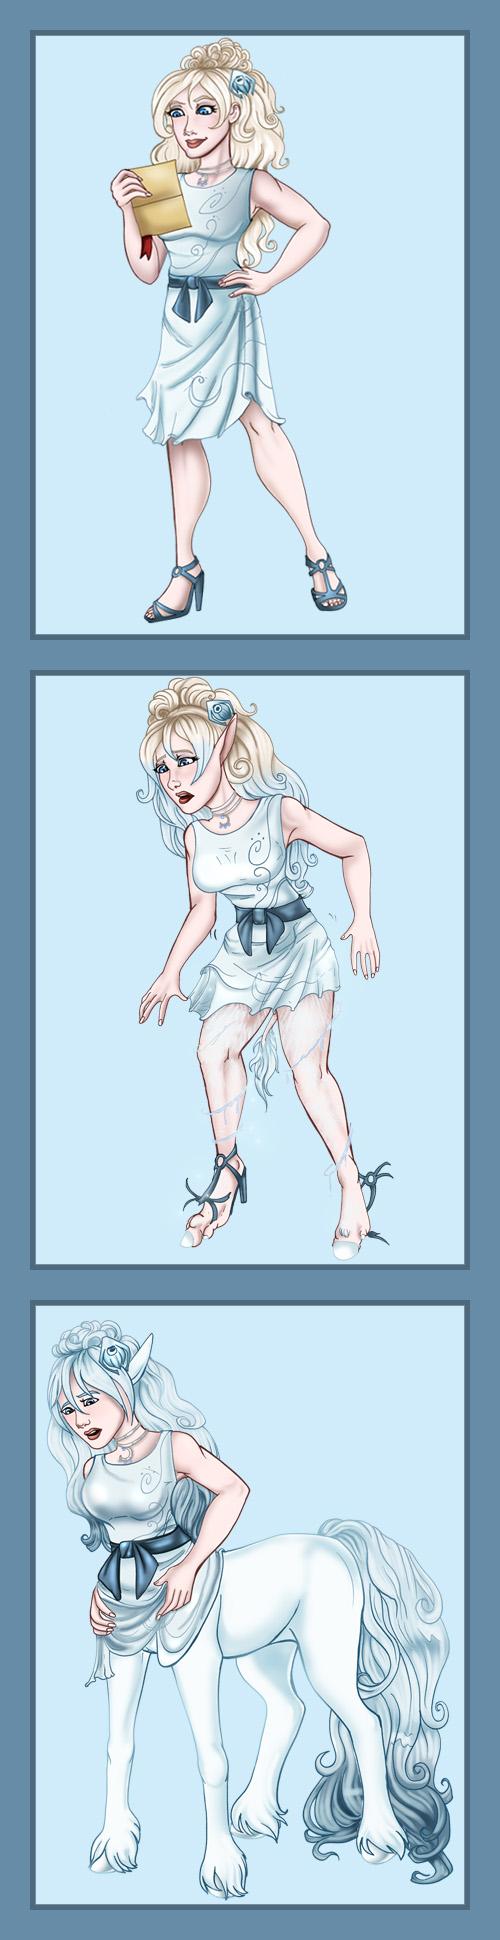 Satine the Centaur: Winter Wear by arania on DeviantArt